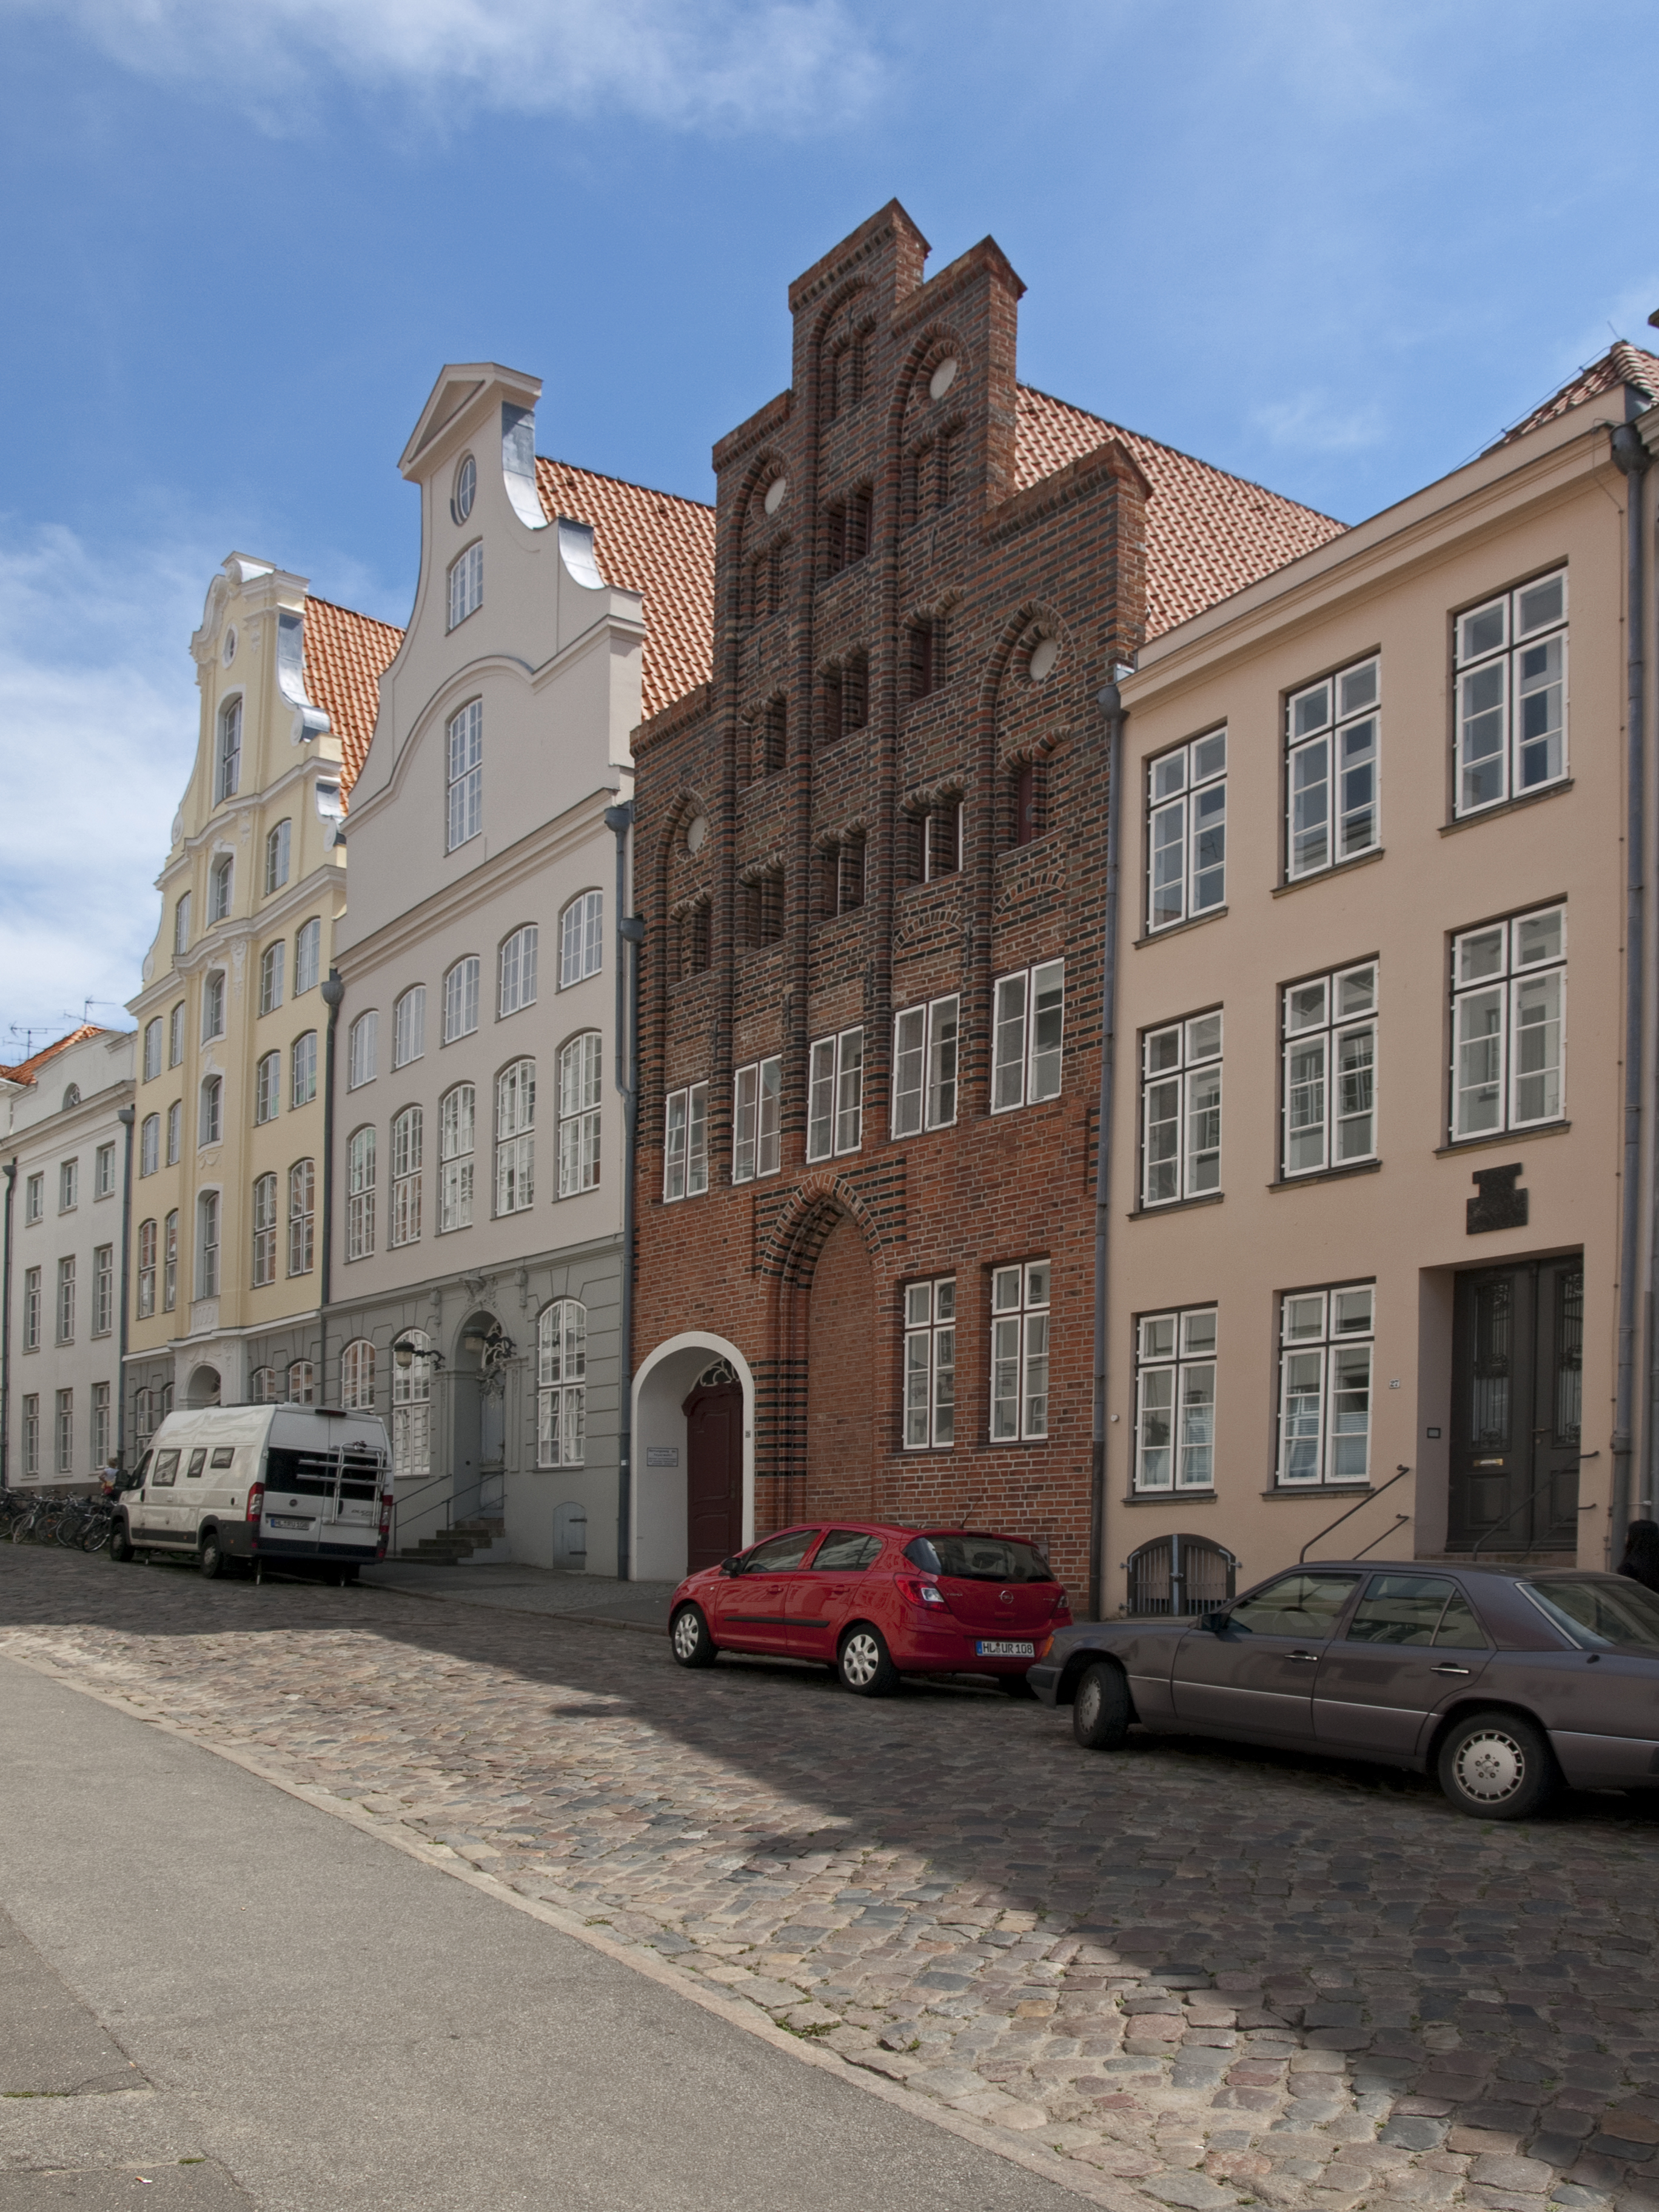 Große Petersgrube Lübeck